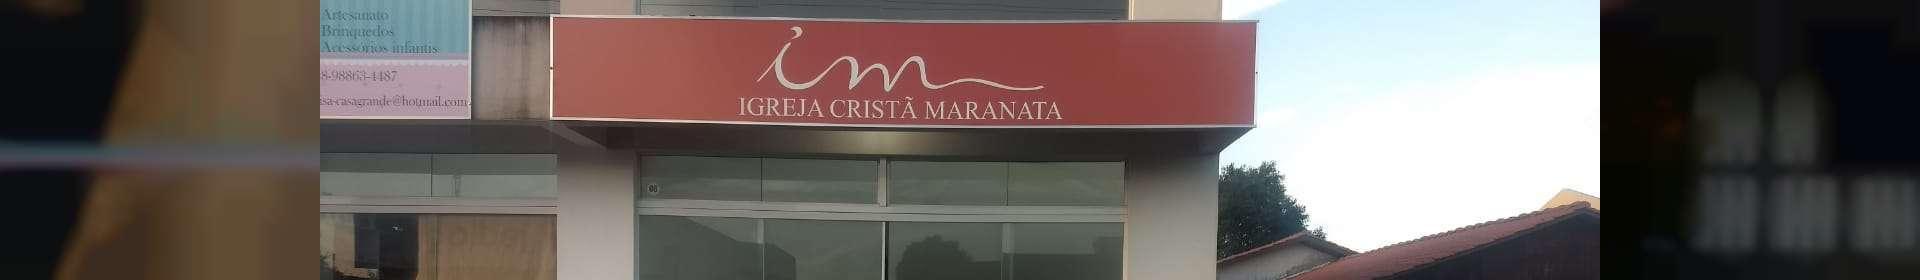 Igrejas Cristã Maranata são consagradas em Santa Catarina, Pernambuco e Minas Gerais